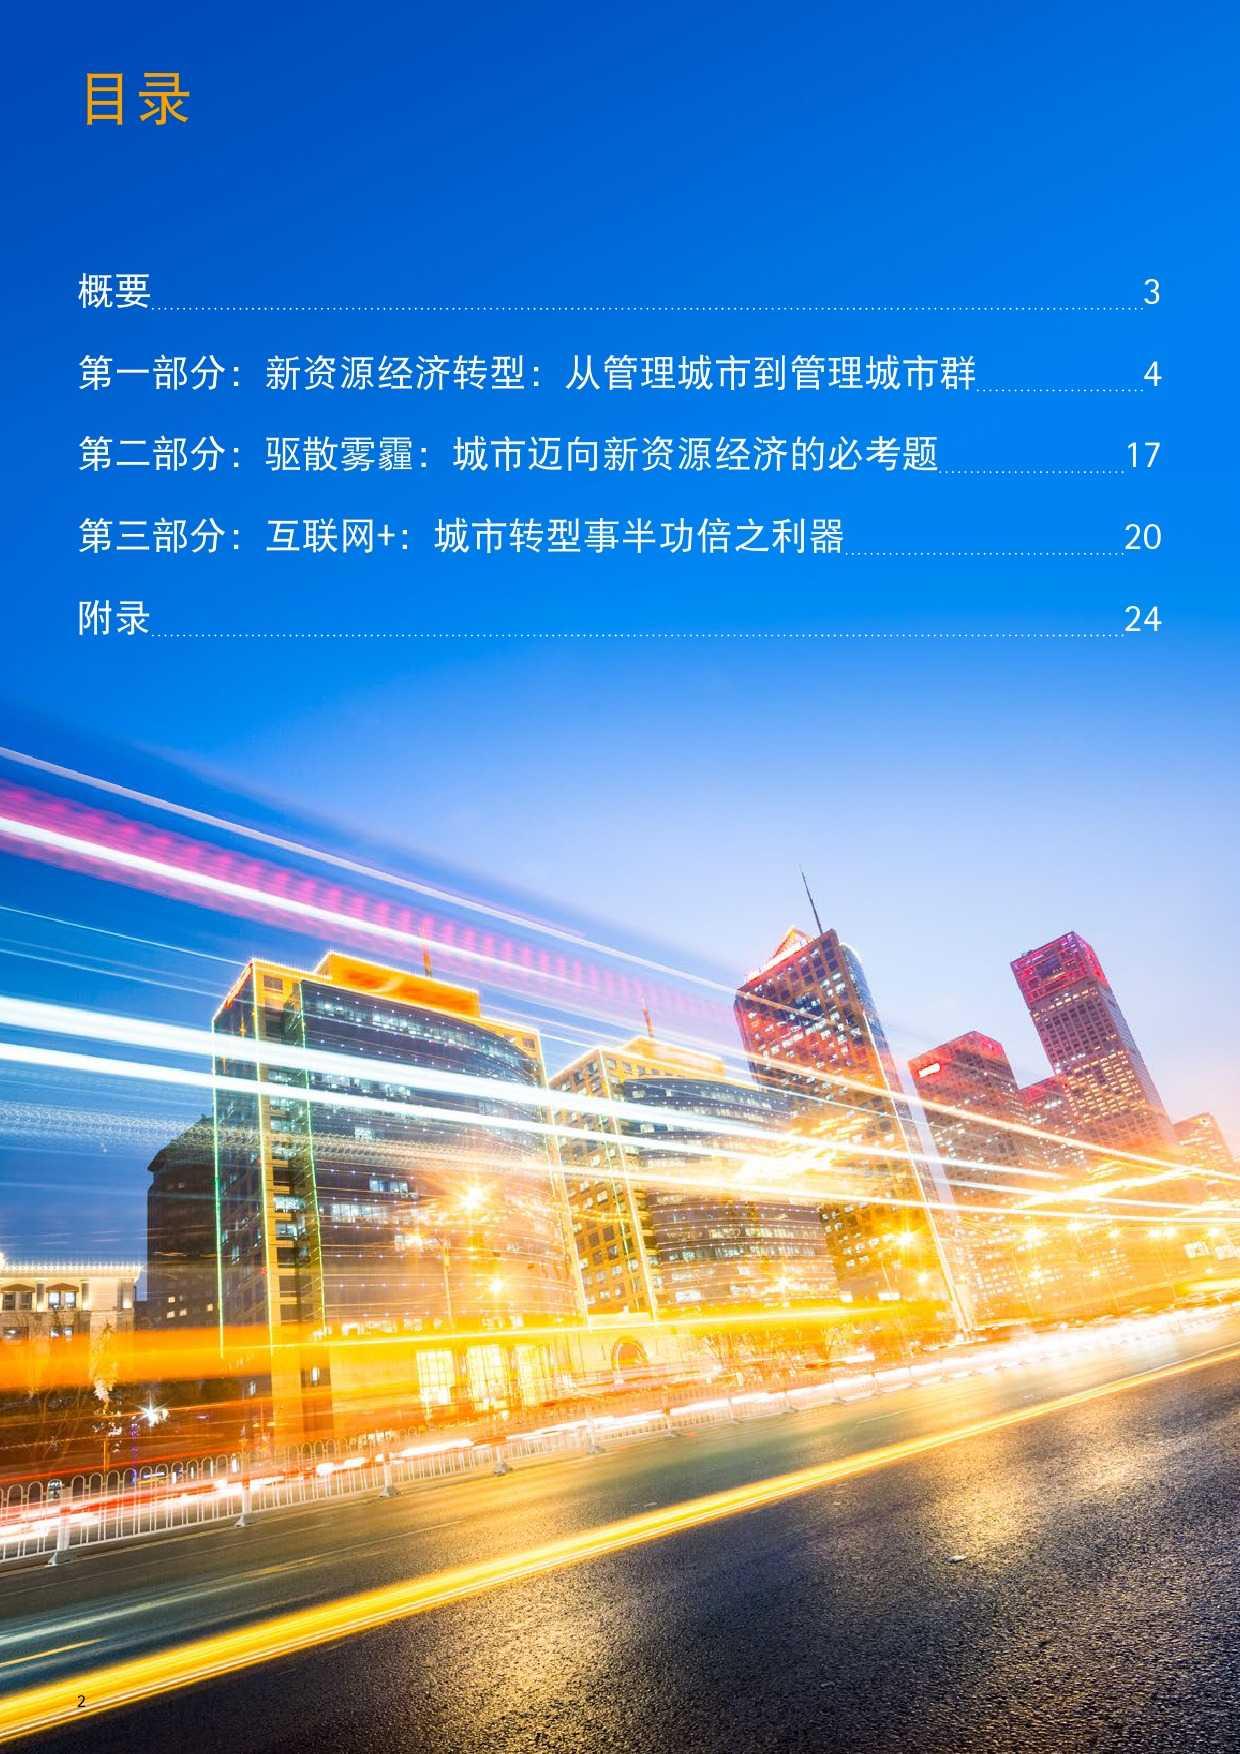 埃森哲&中科院:2015年新资源经济城市指数_000002